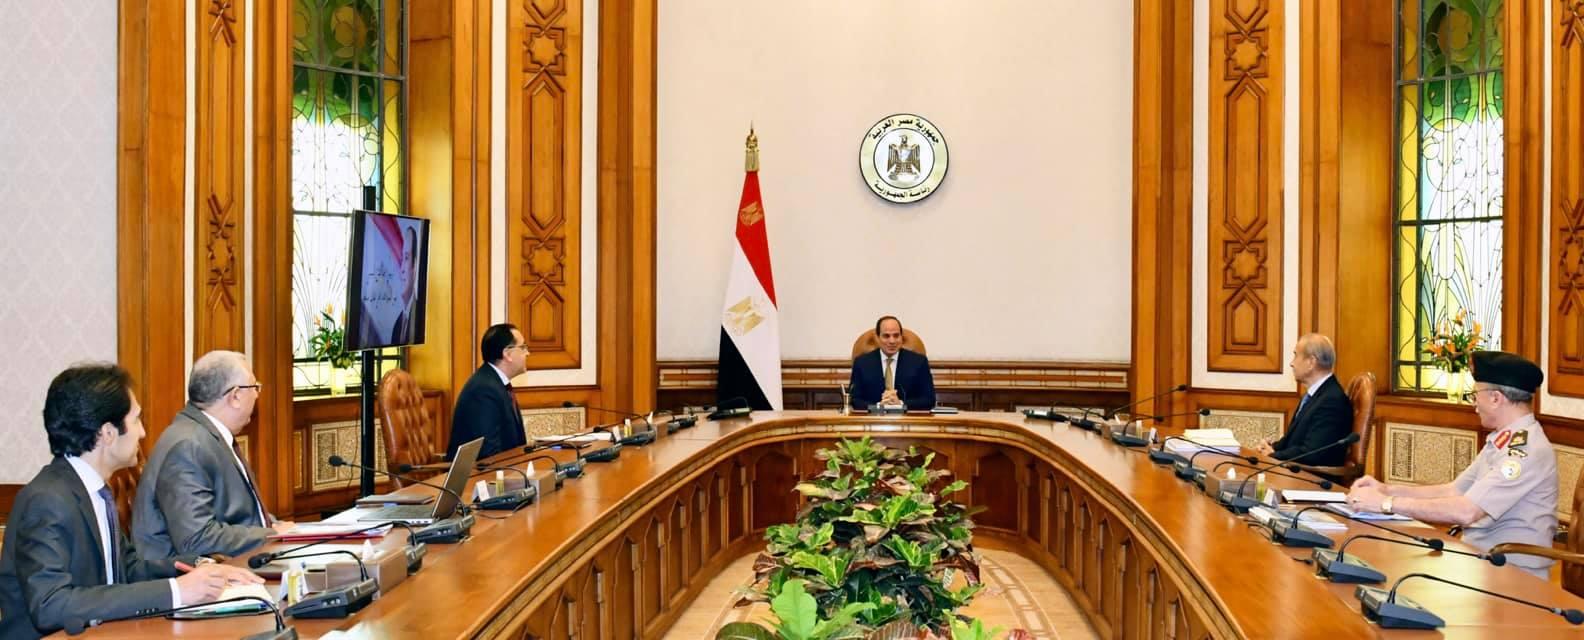 توجيهات الرئيس السيسي بتحقيق الاكتفاء الذاتي من المحاصيل تتصدر اهتمامات صحف القاهرة